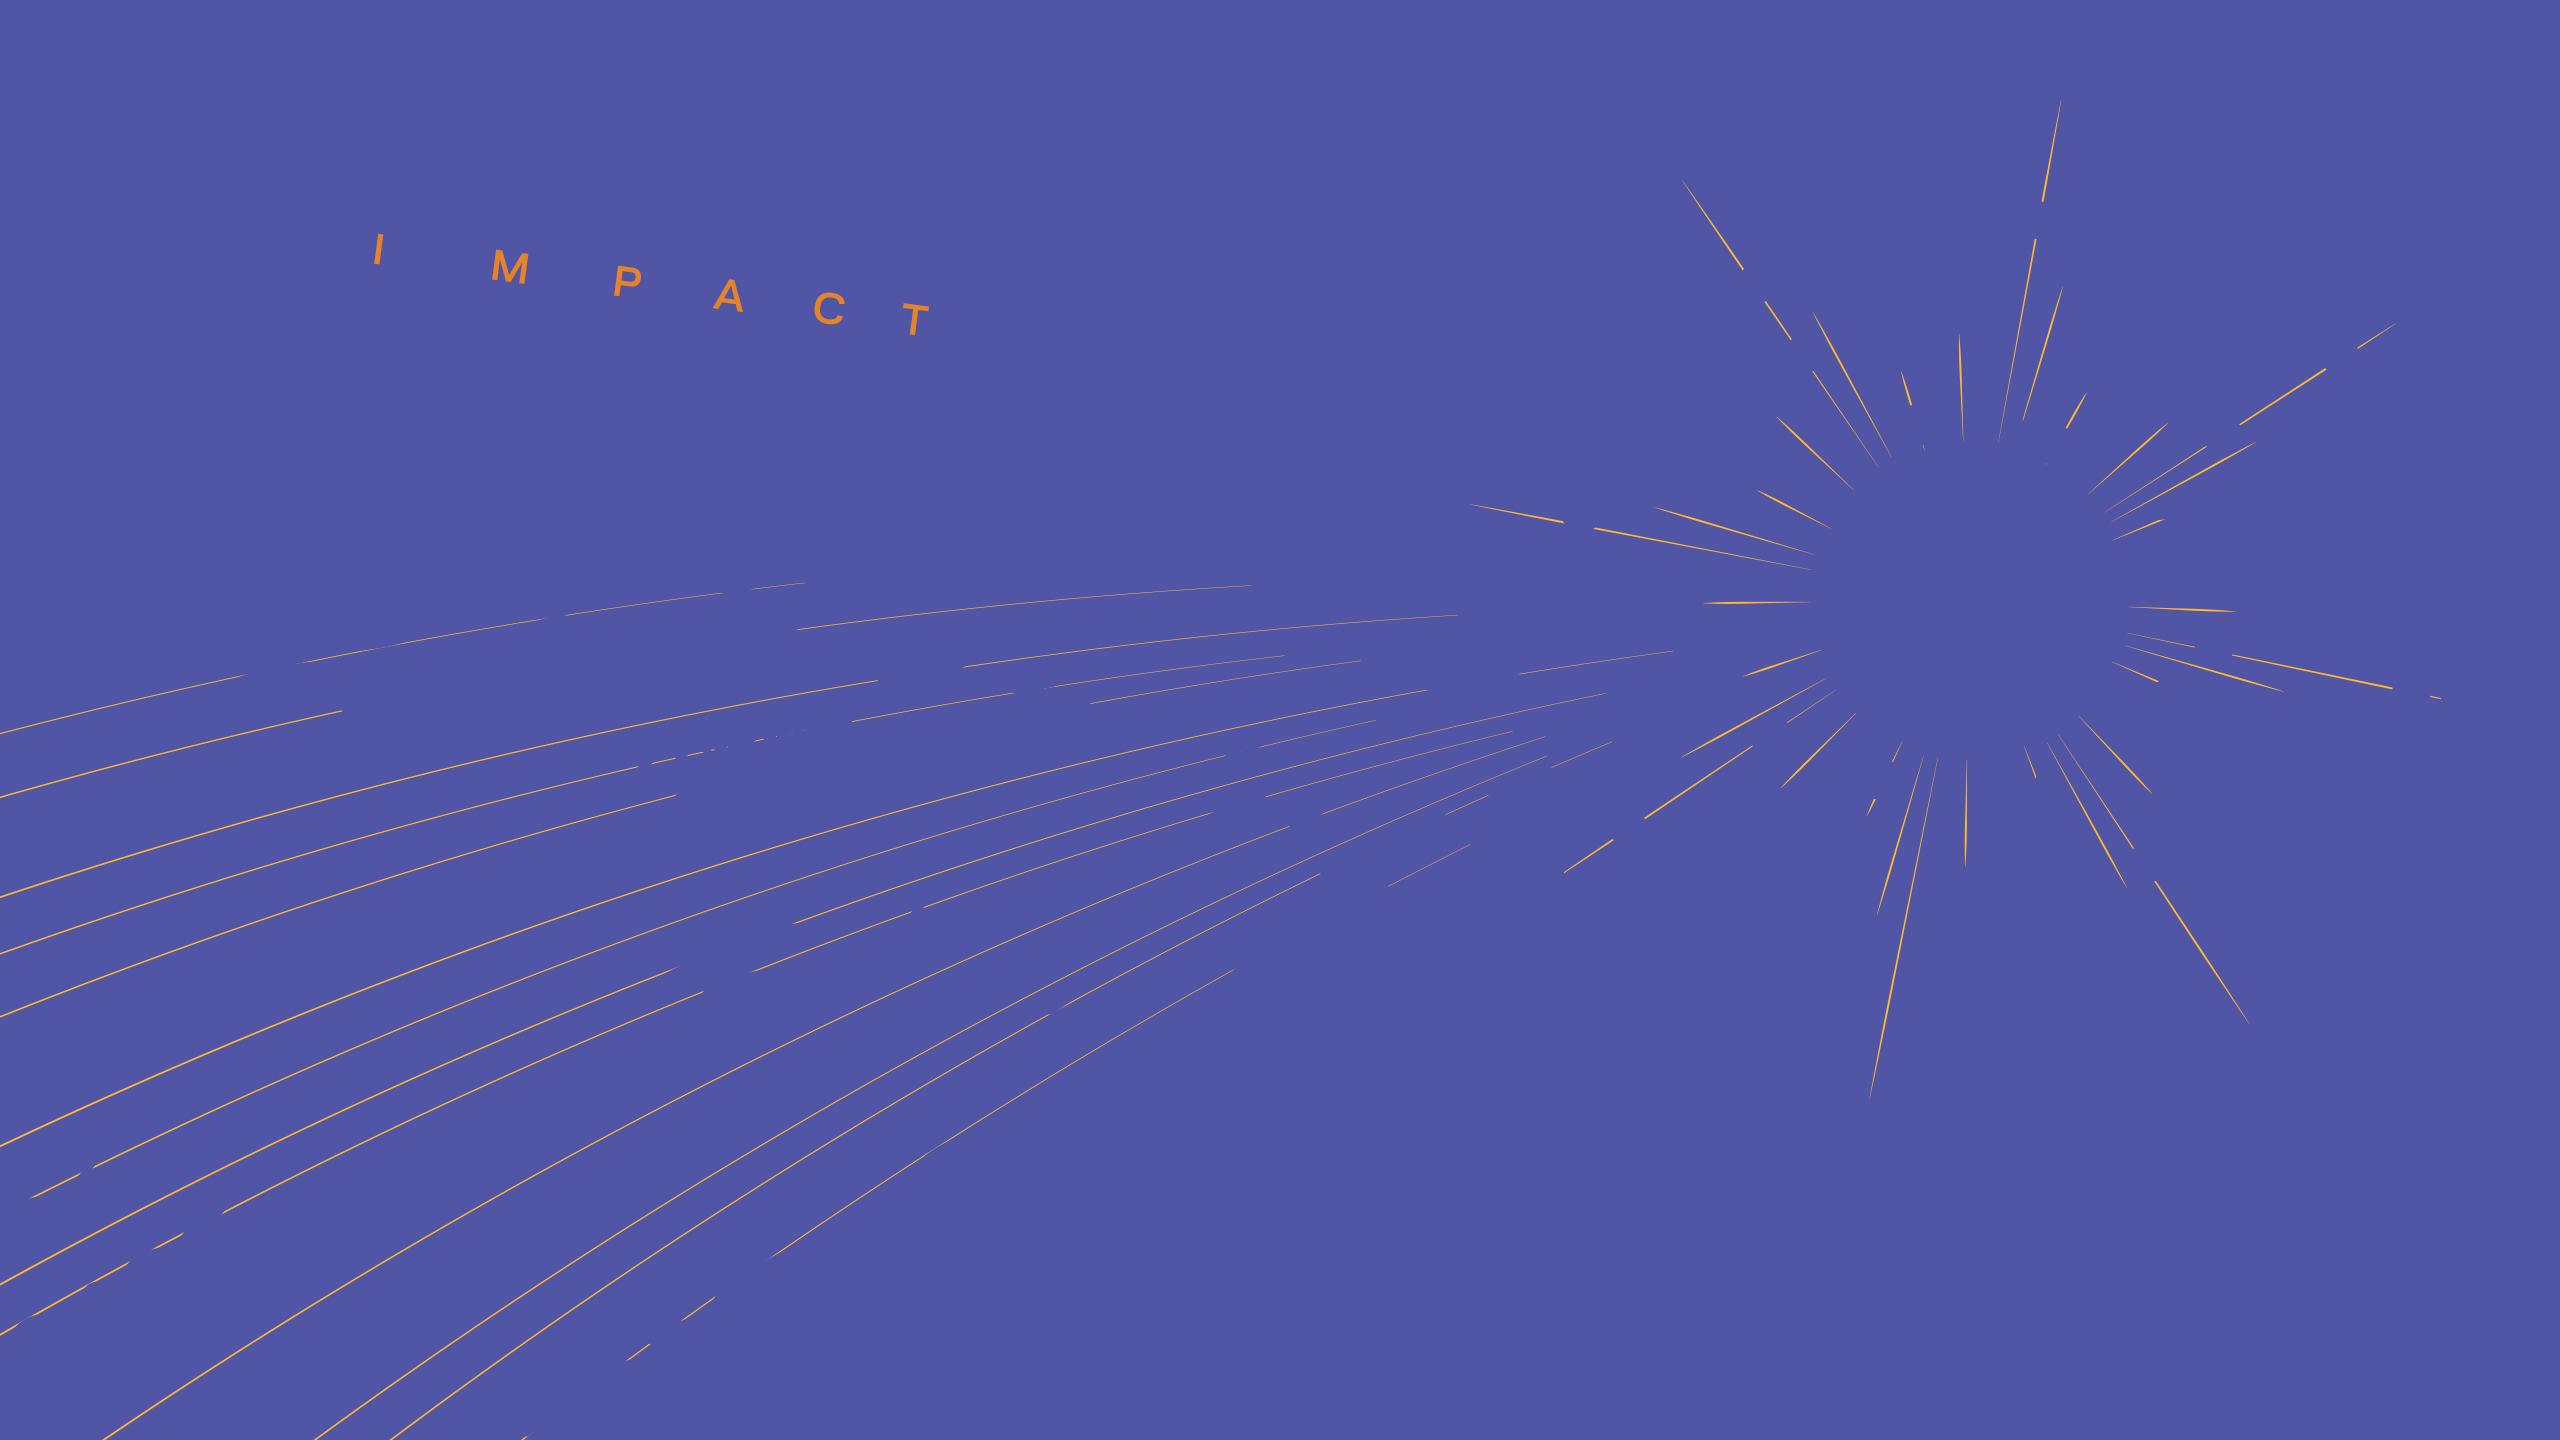 Impact_thumb_4